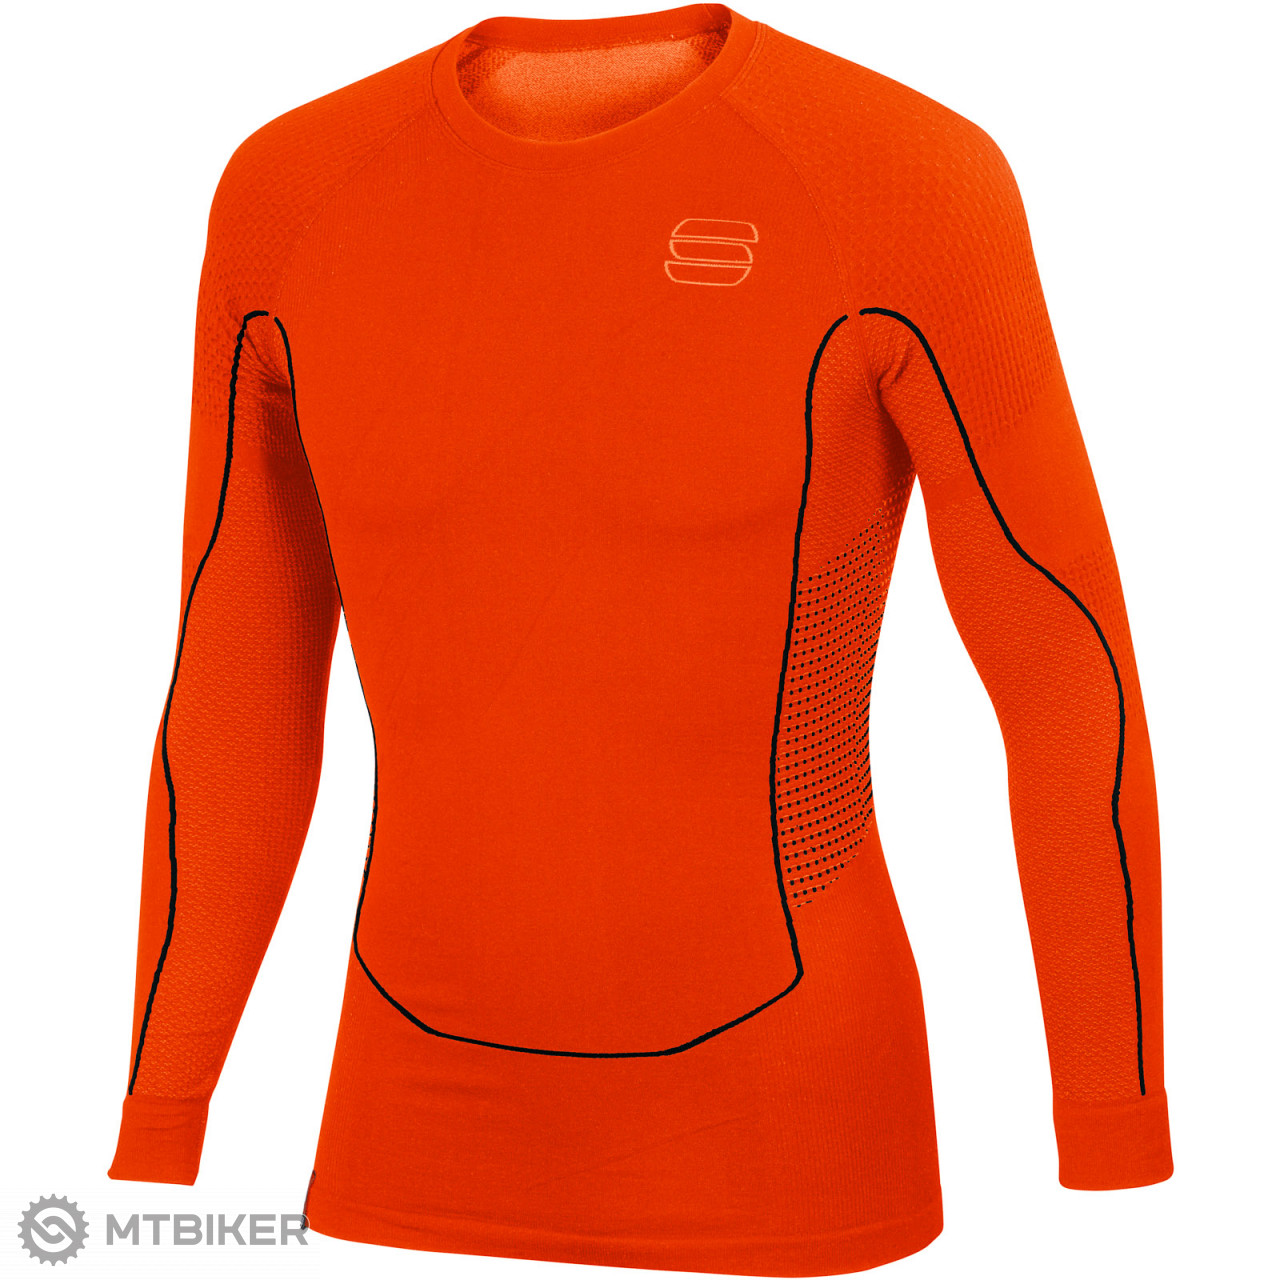 ba390b34c22e Sportful 2nd Skin Tričko s dlhým rukávom červené - MTBIKER Shop